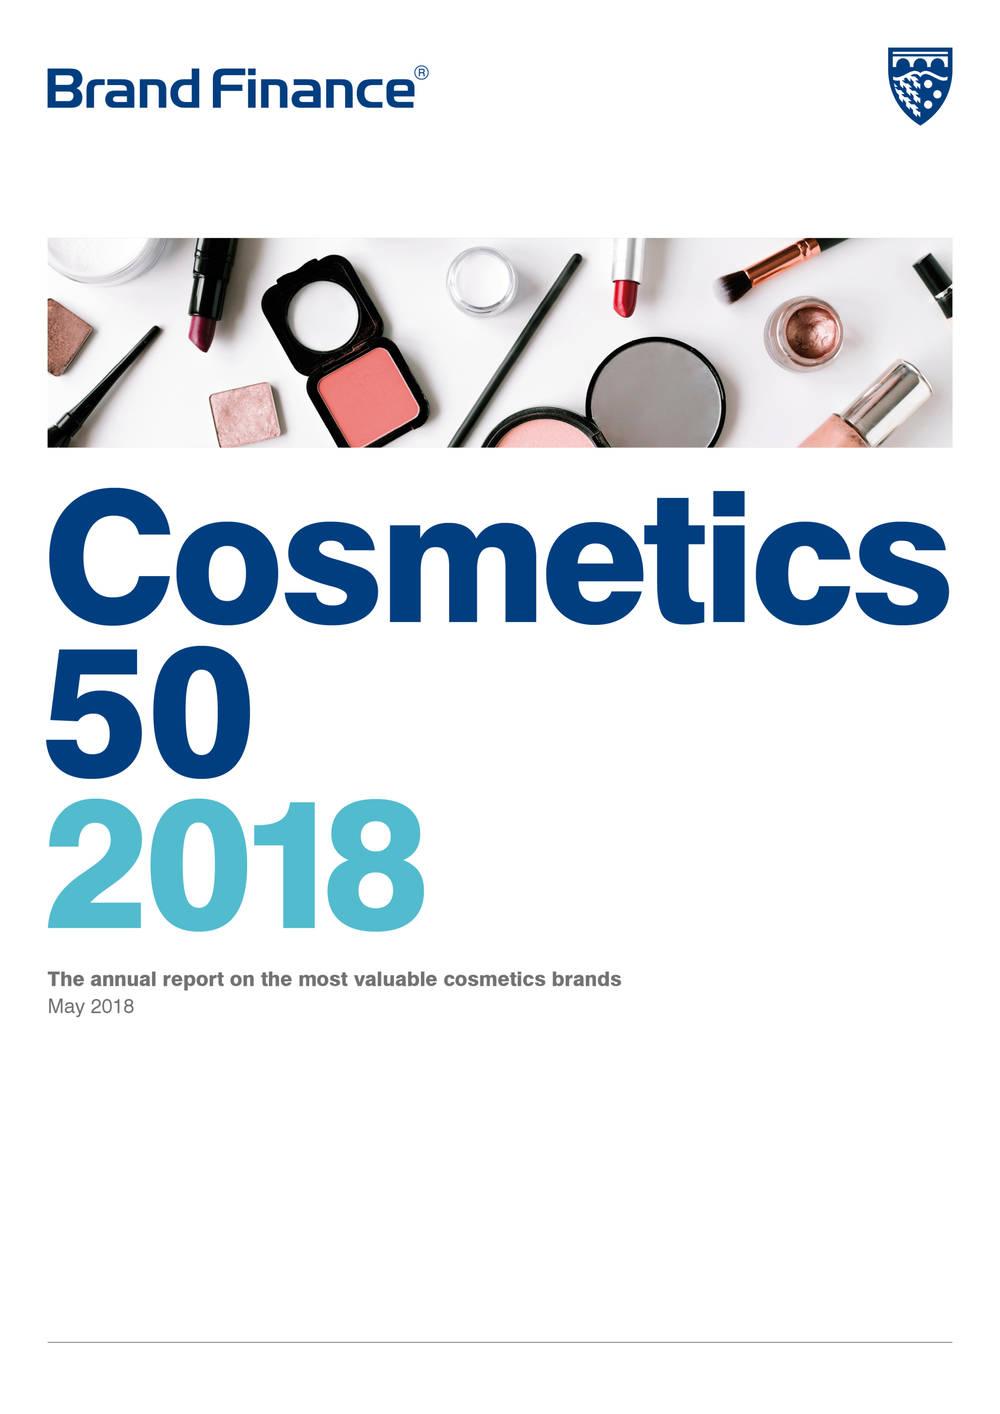 Makeup Brands: Brand Finance